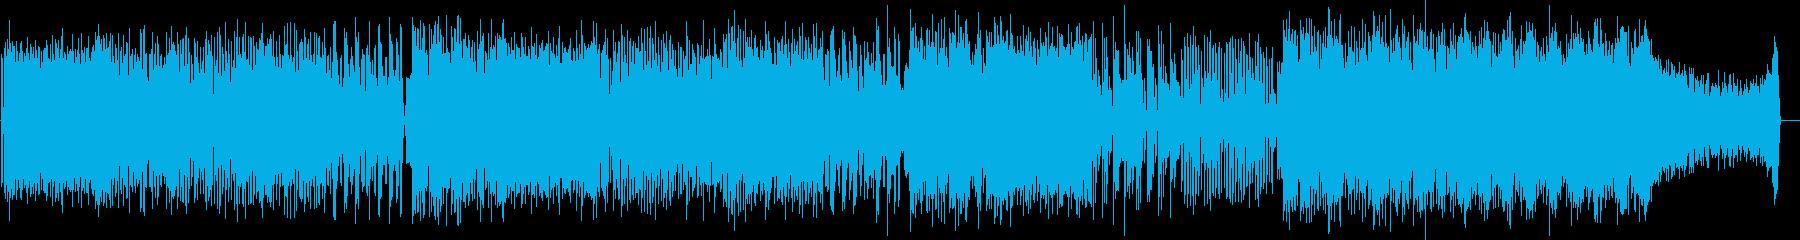 ホリデイの再生済みの波形